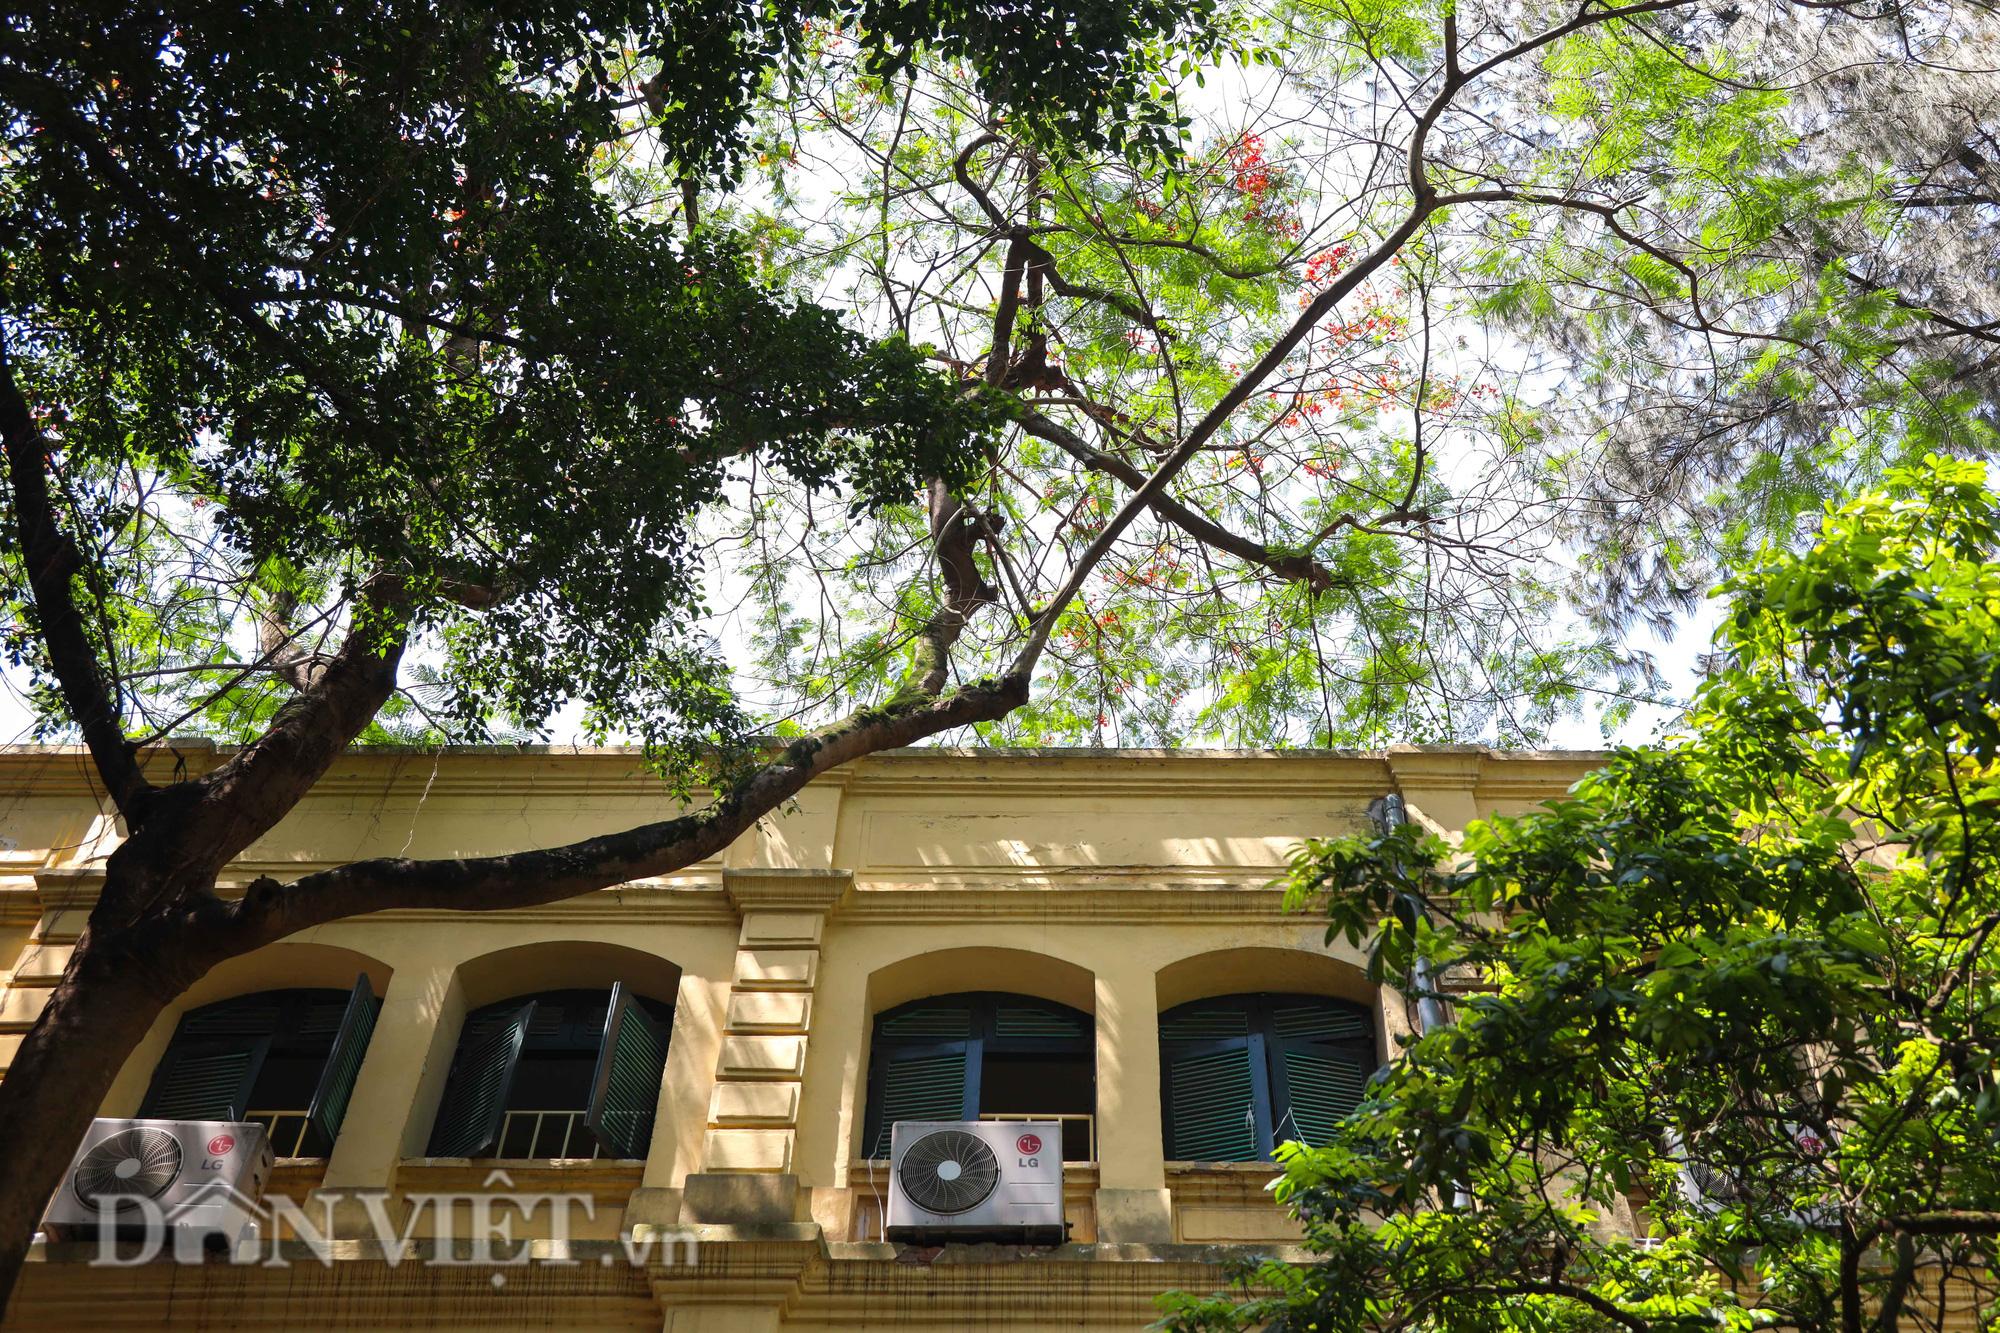 Học sinh Hà Nội không hề lo sợ dù ngồi giữa sân trường đầy cây cổ thụ - Ảnh 12.